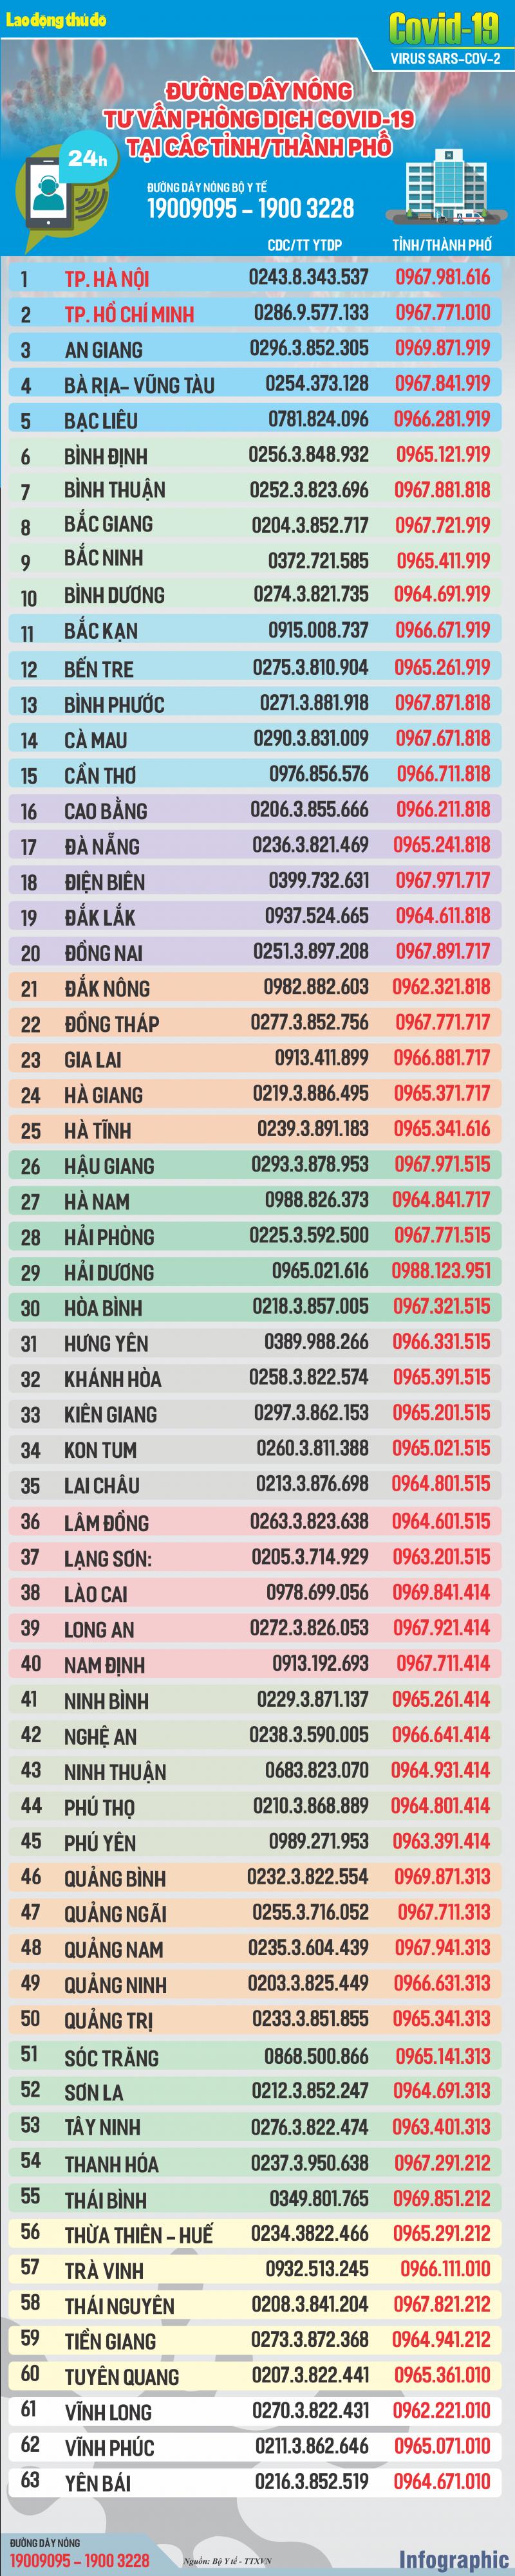 infographic duong day nong tu van phong chong dich covid 19 tai cac tinh thanh pho